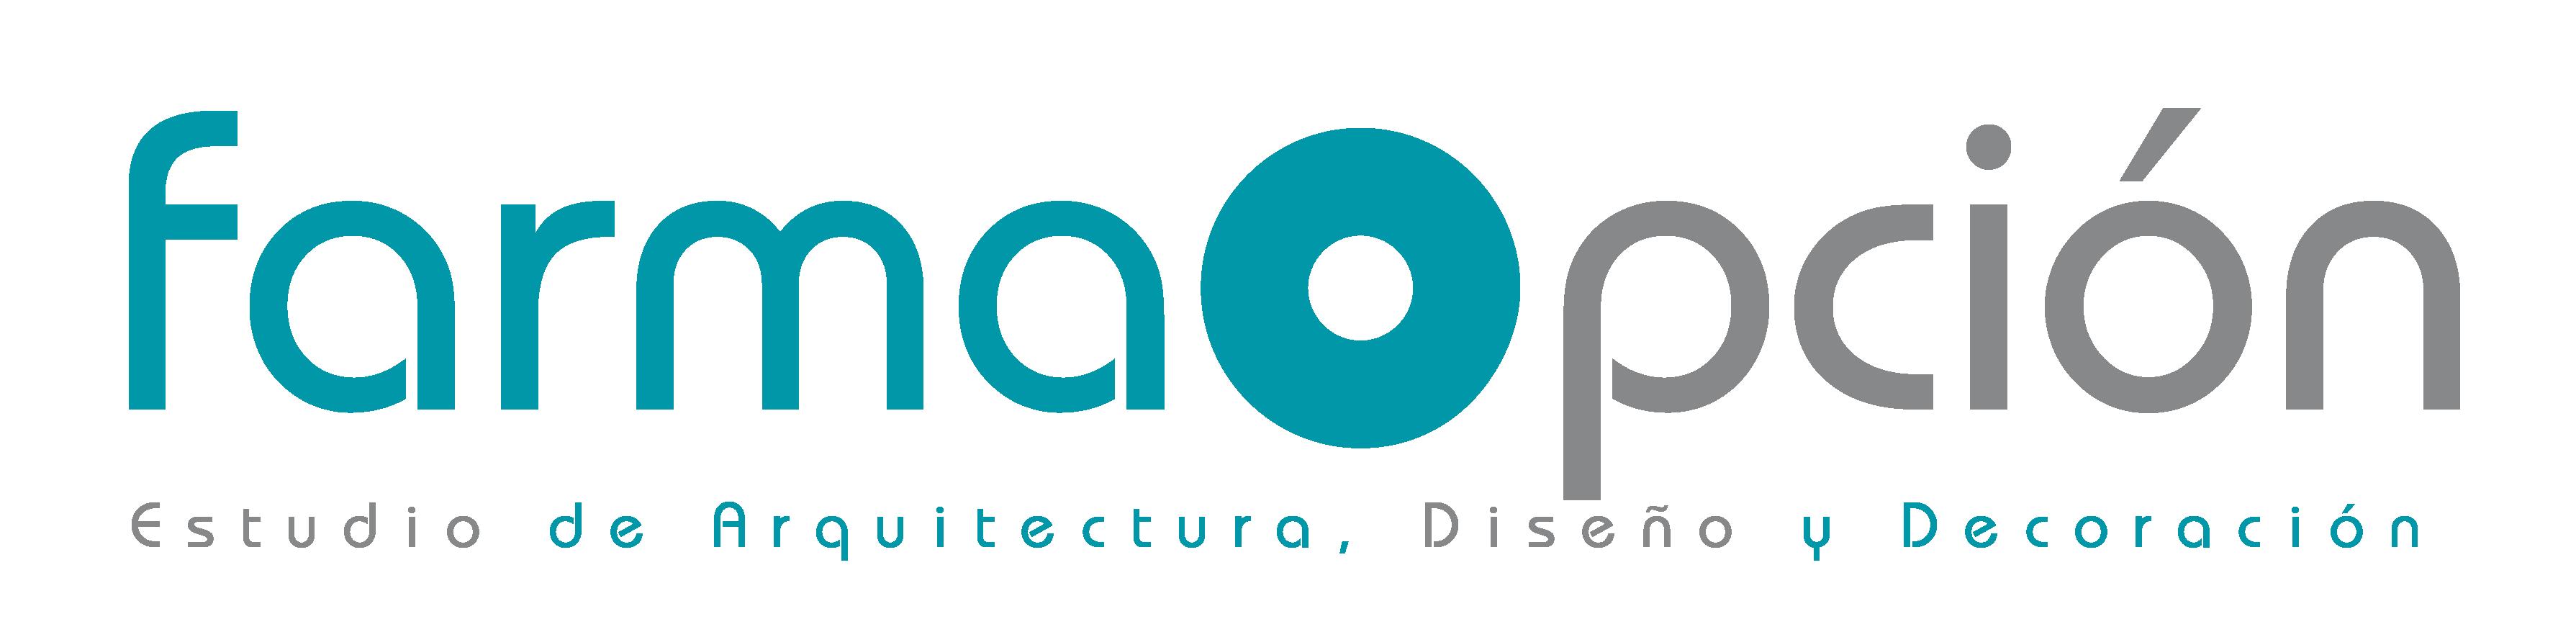 Logo Farmaopcion 2015-01